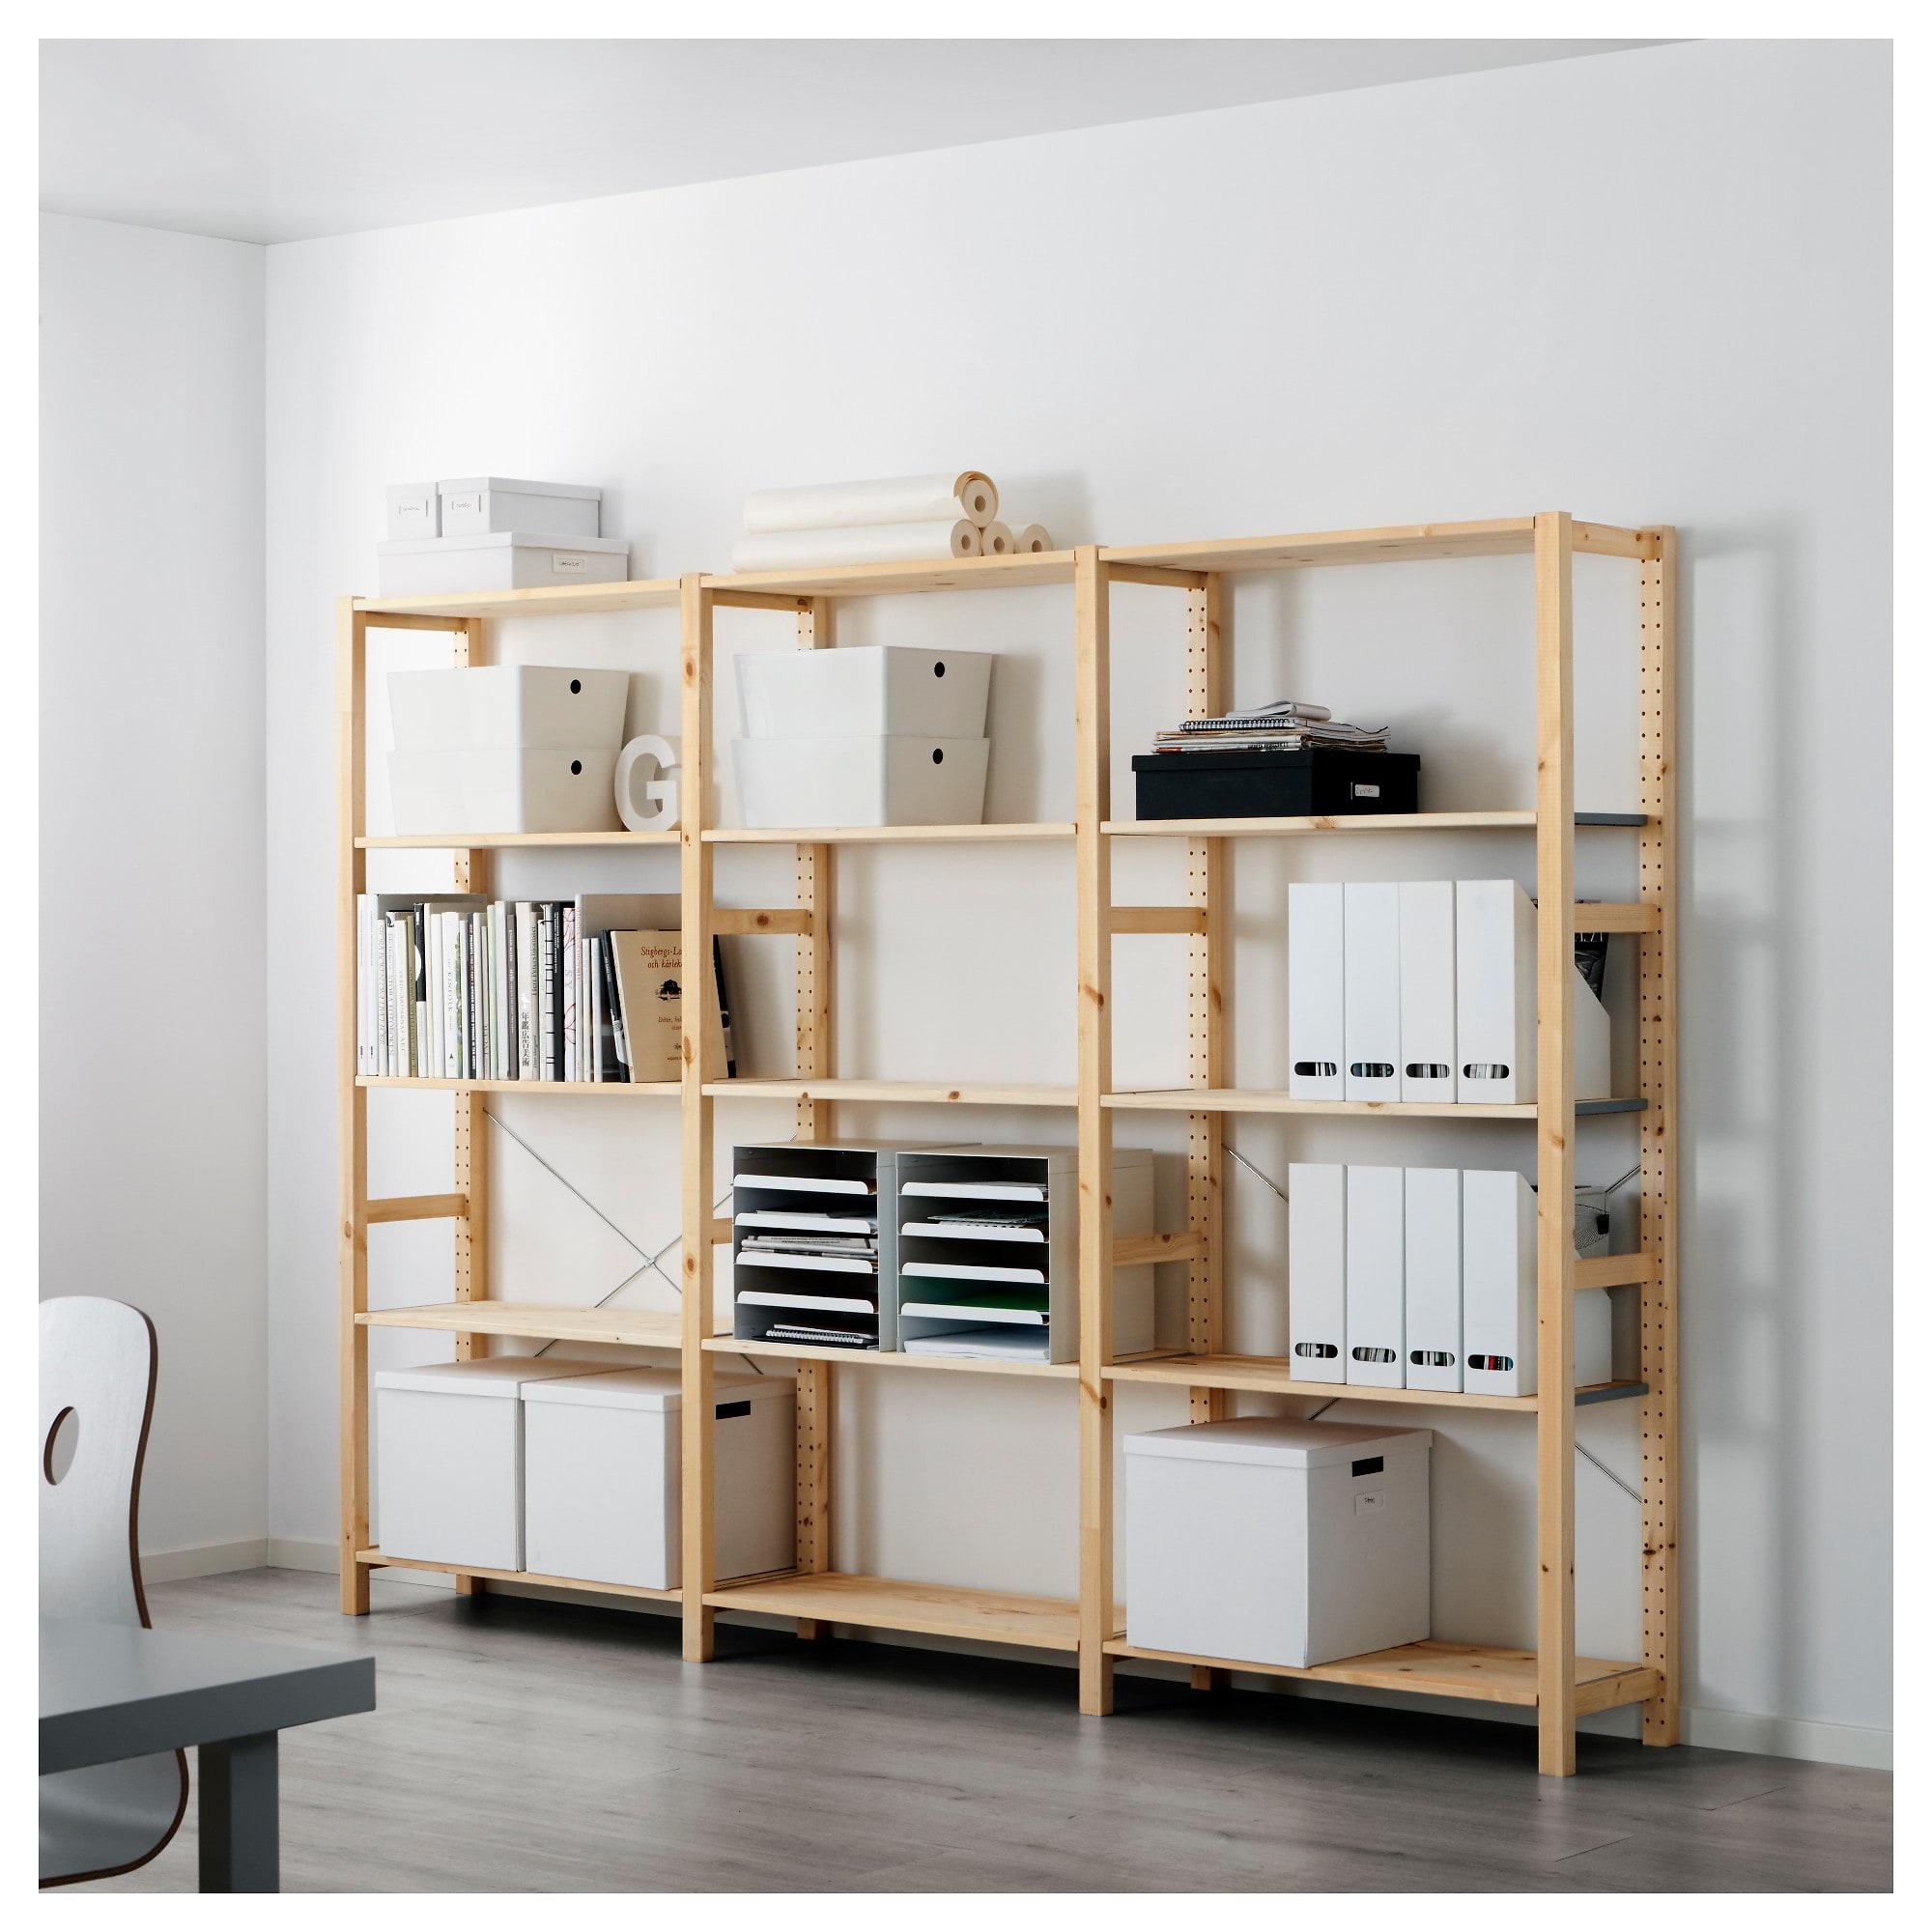 Ikea Us Furniture And Home Furnishings Ikea Ivar Ikea Ivar Shelves Ikea Shelving Unit